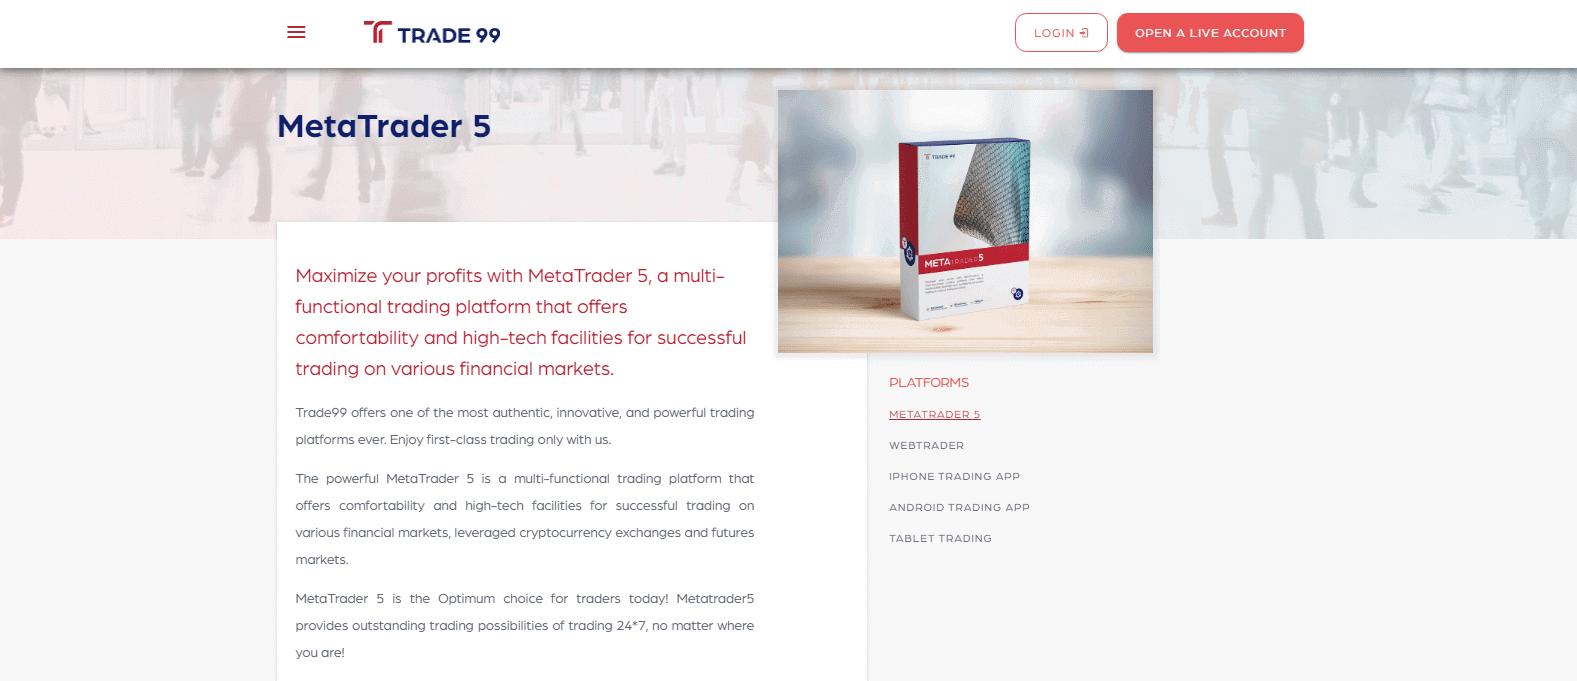 Trade99's MT5 Trading Platform